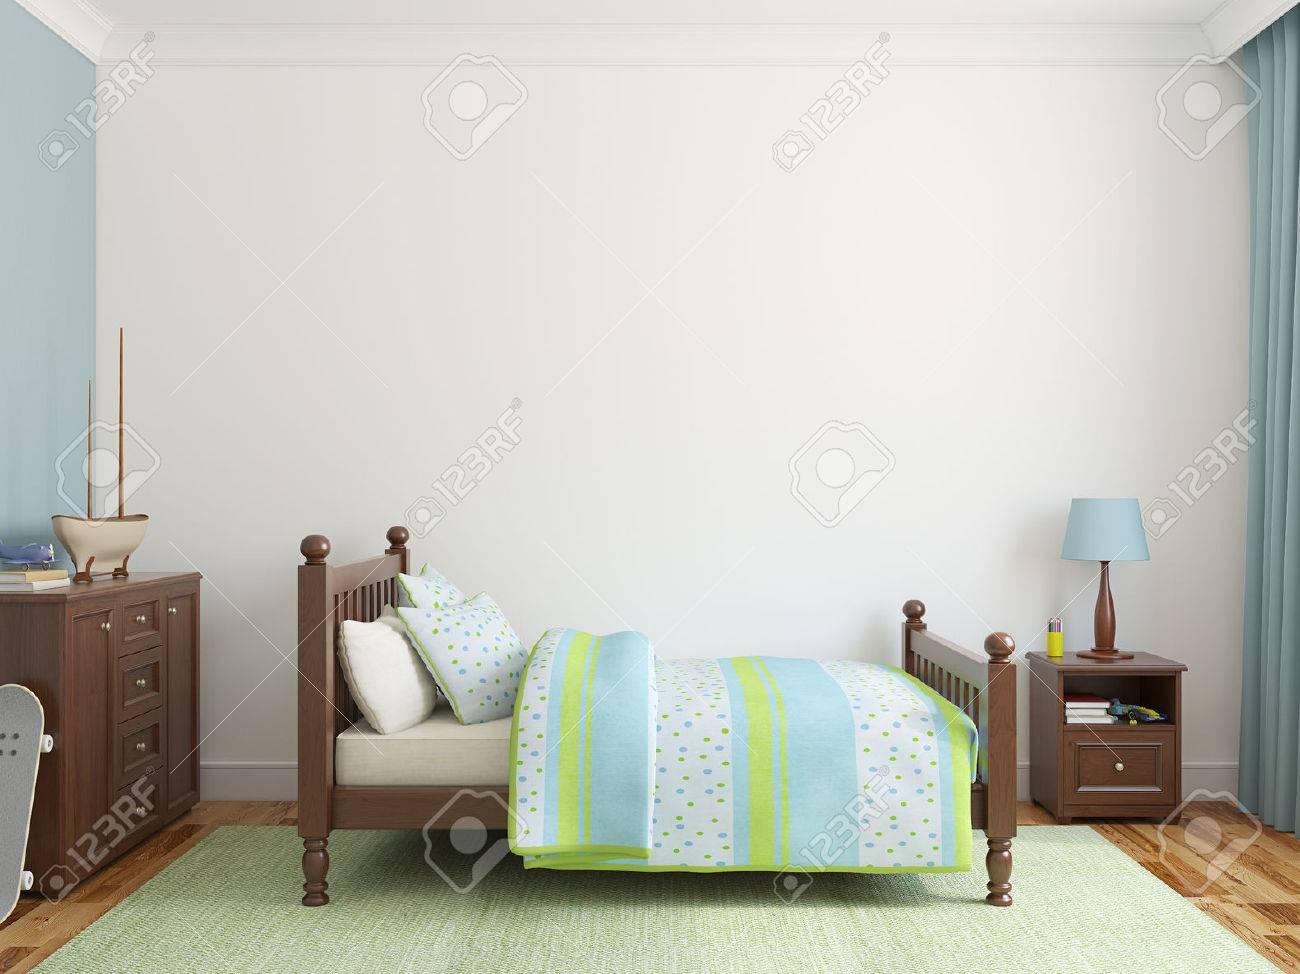 Bedroom for boy. 3d render. - 45647669